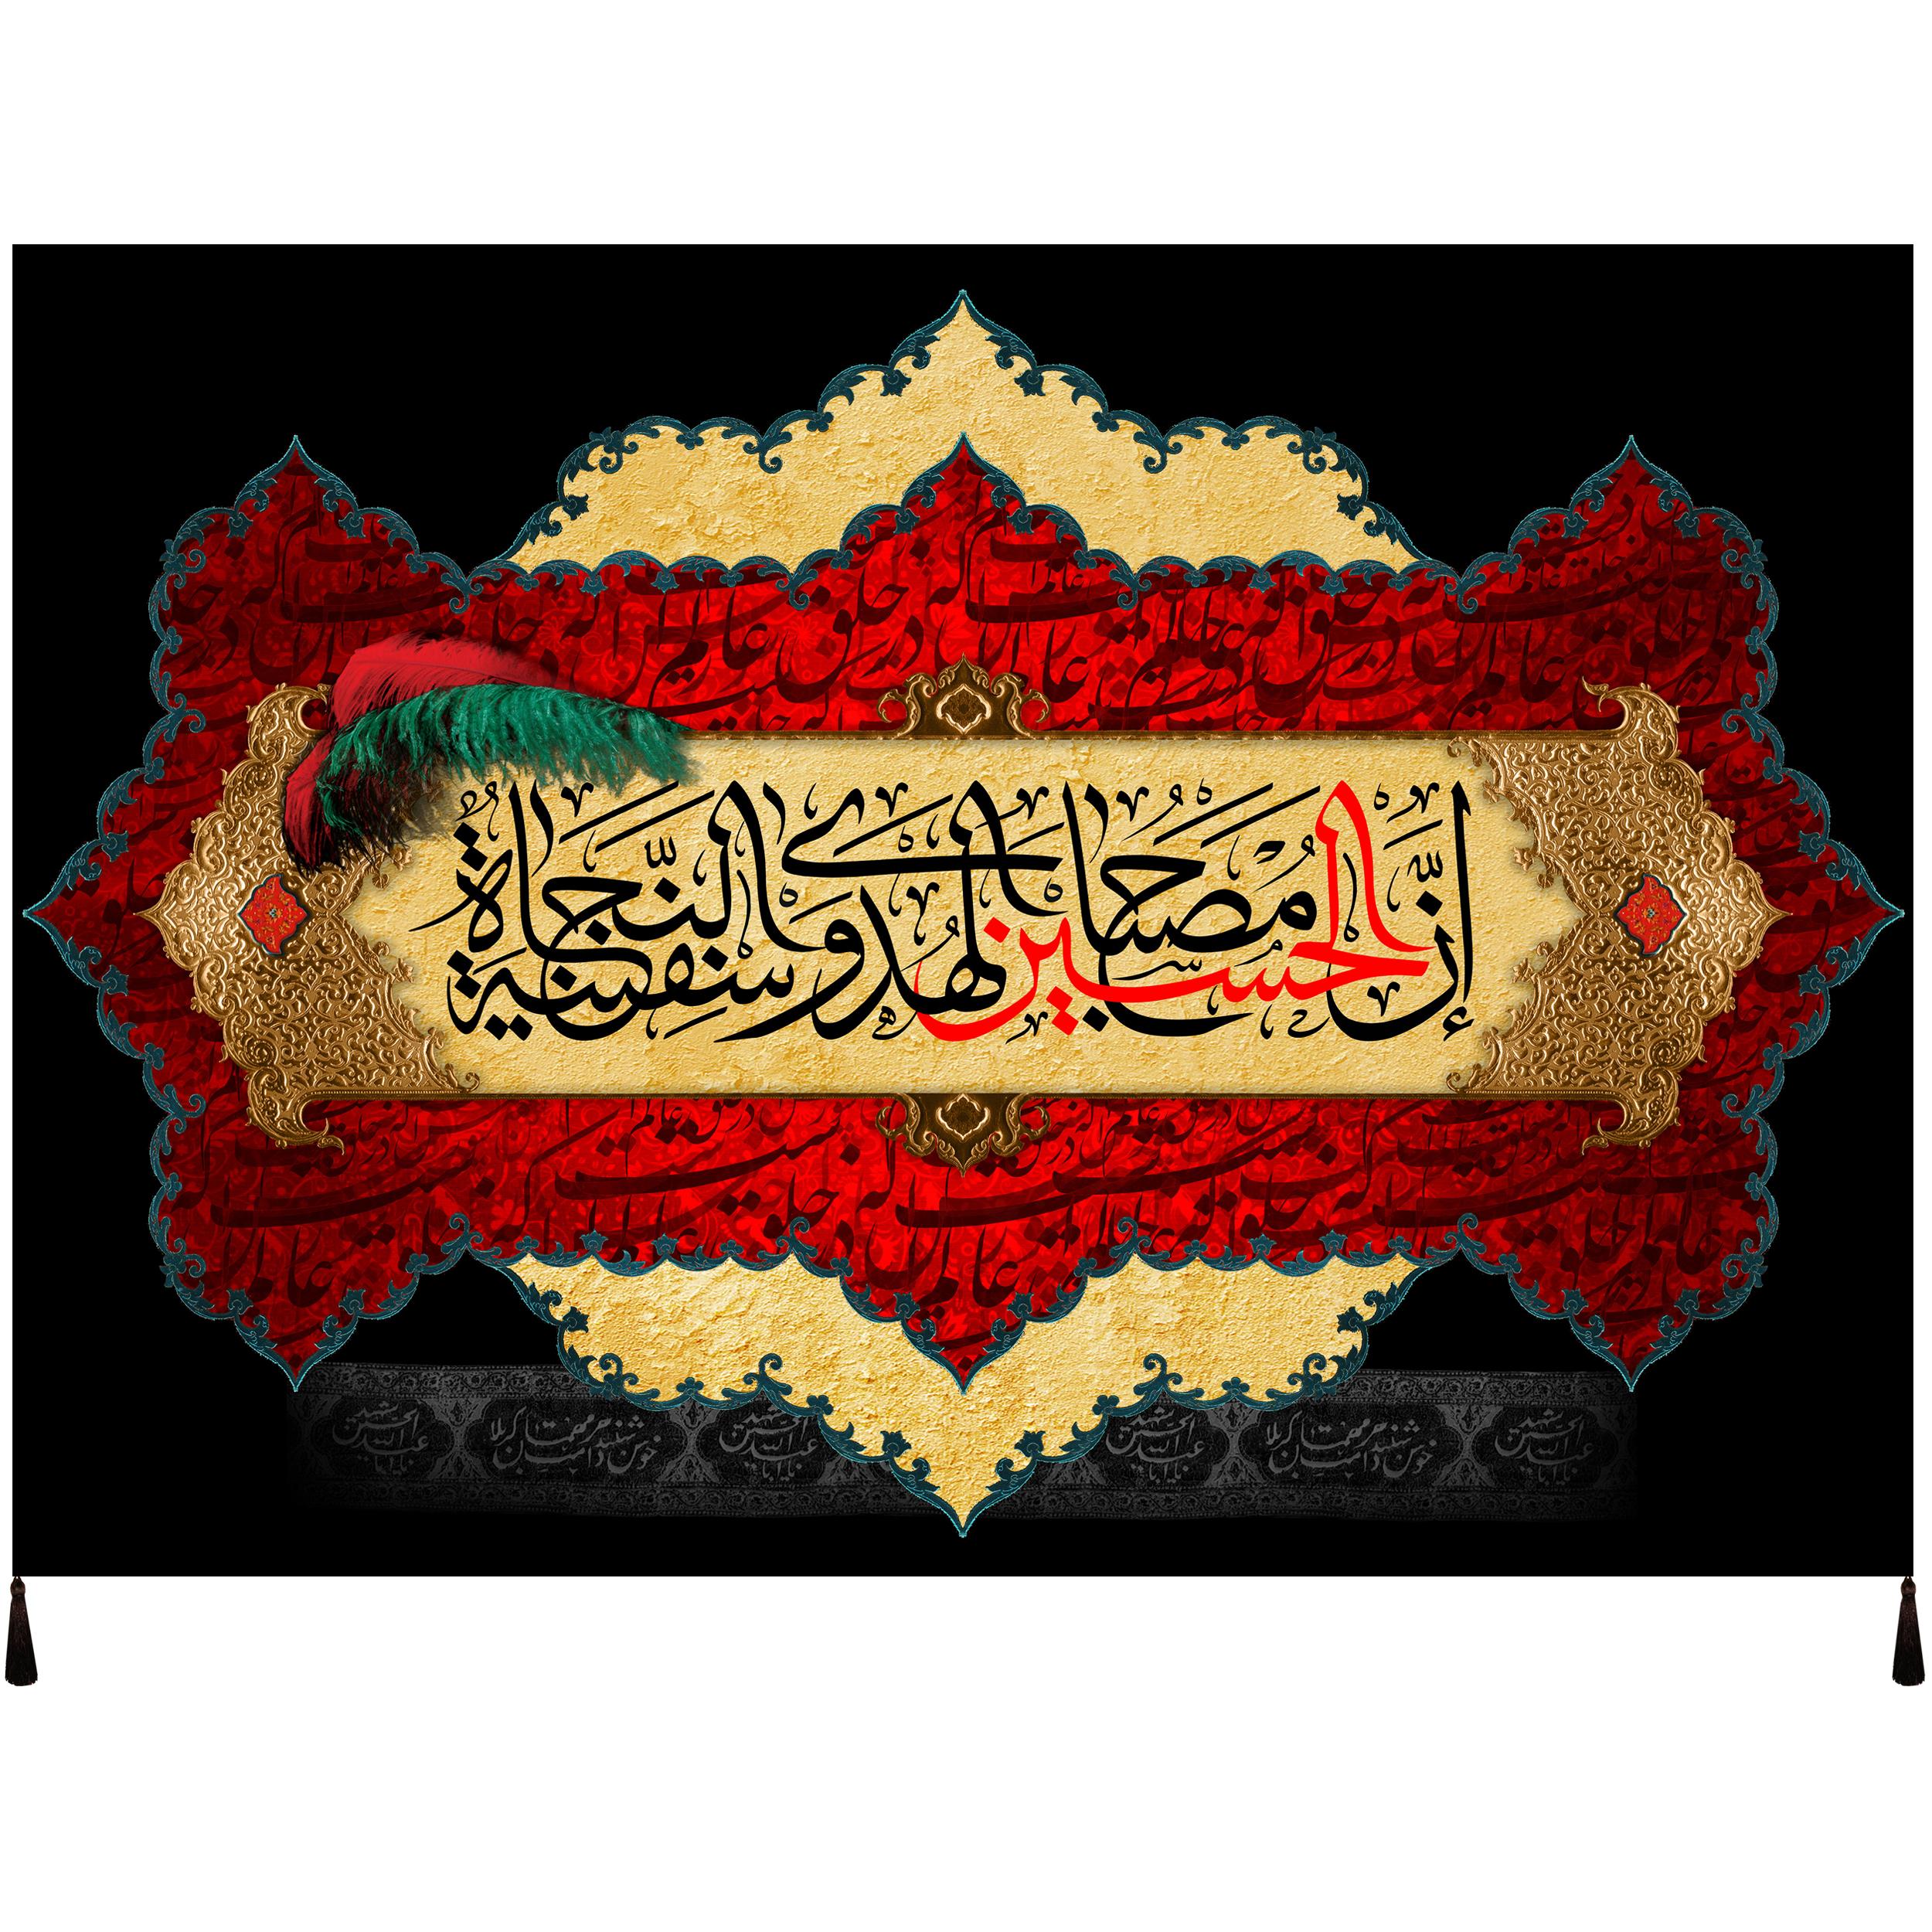 پرچم مدل محرم امام حسین علیه السلام کد 149.5070